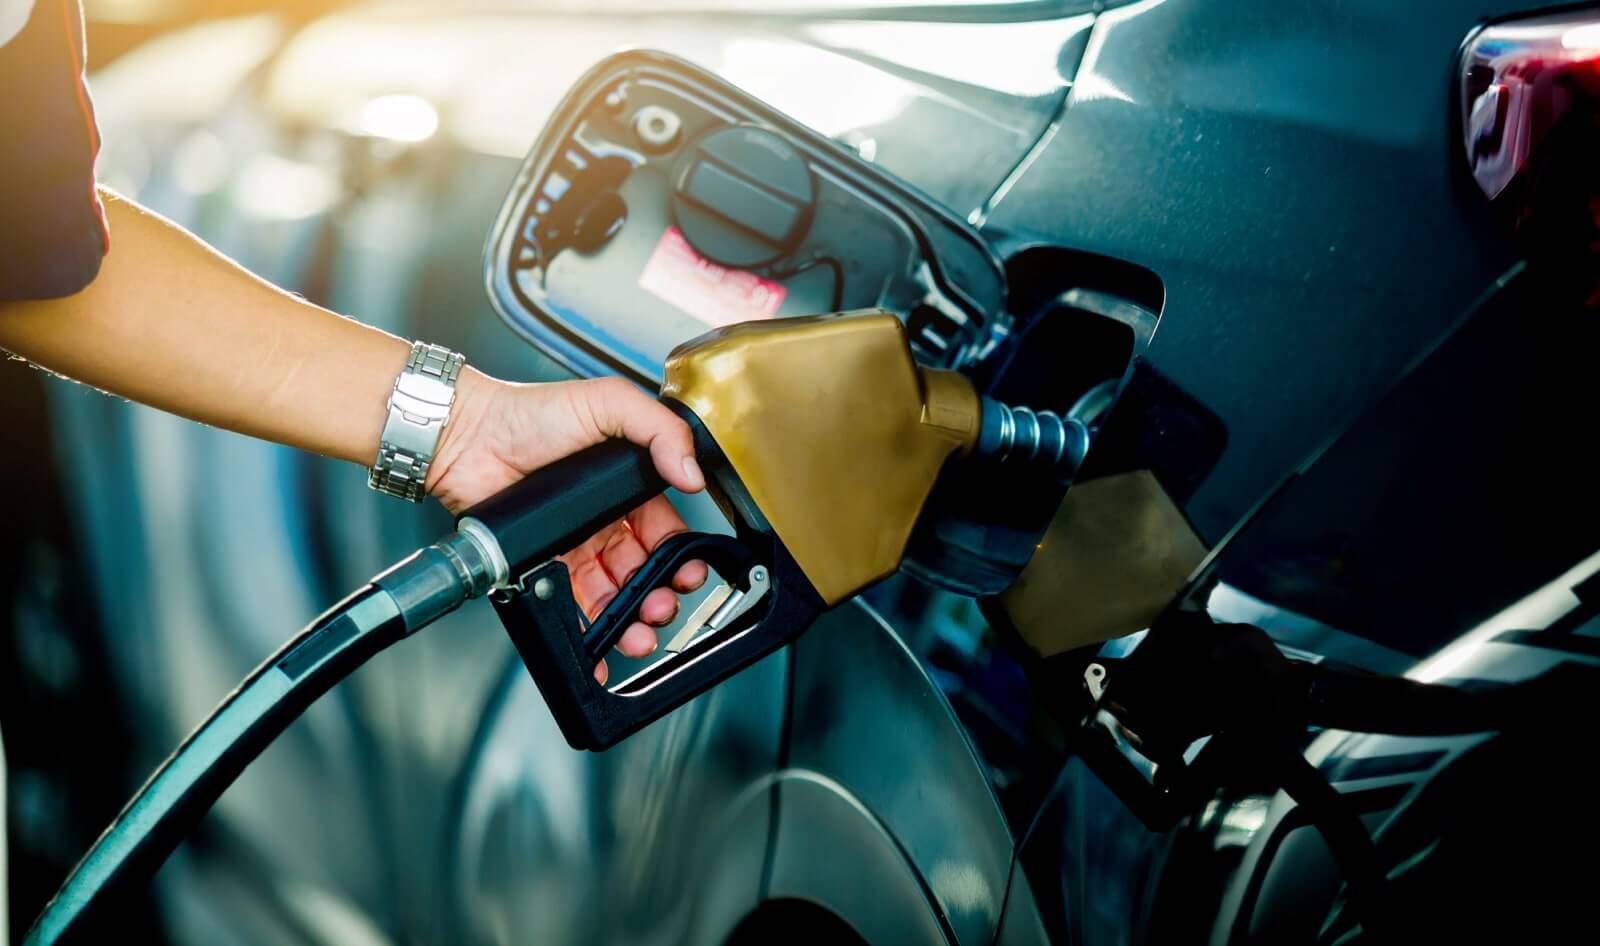 punto de carga coche electrico vs gasolina